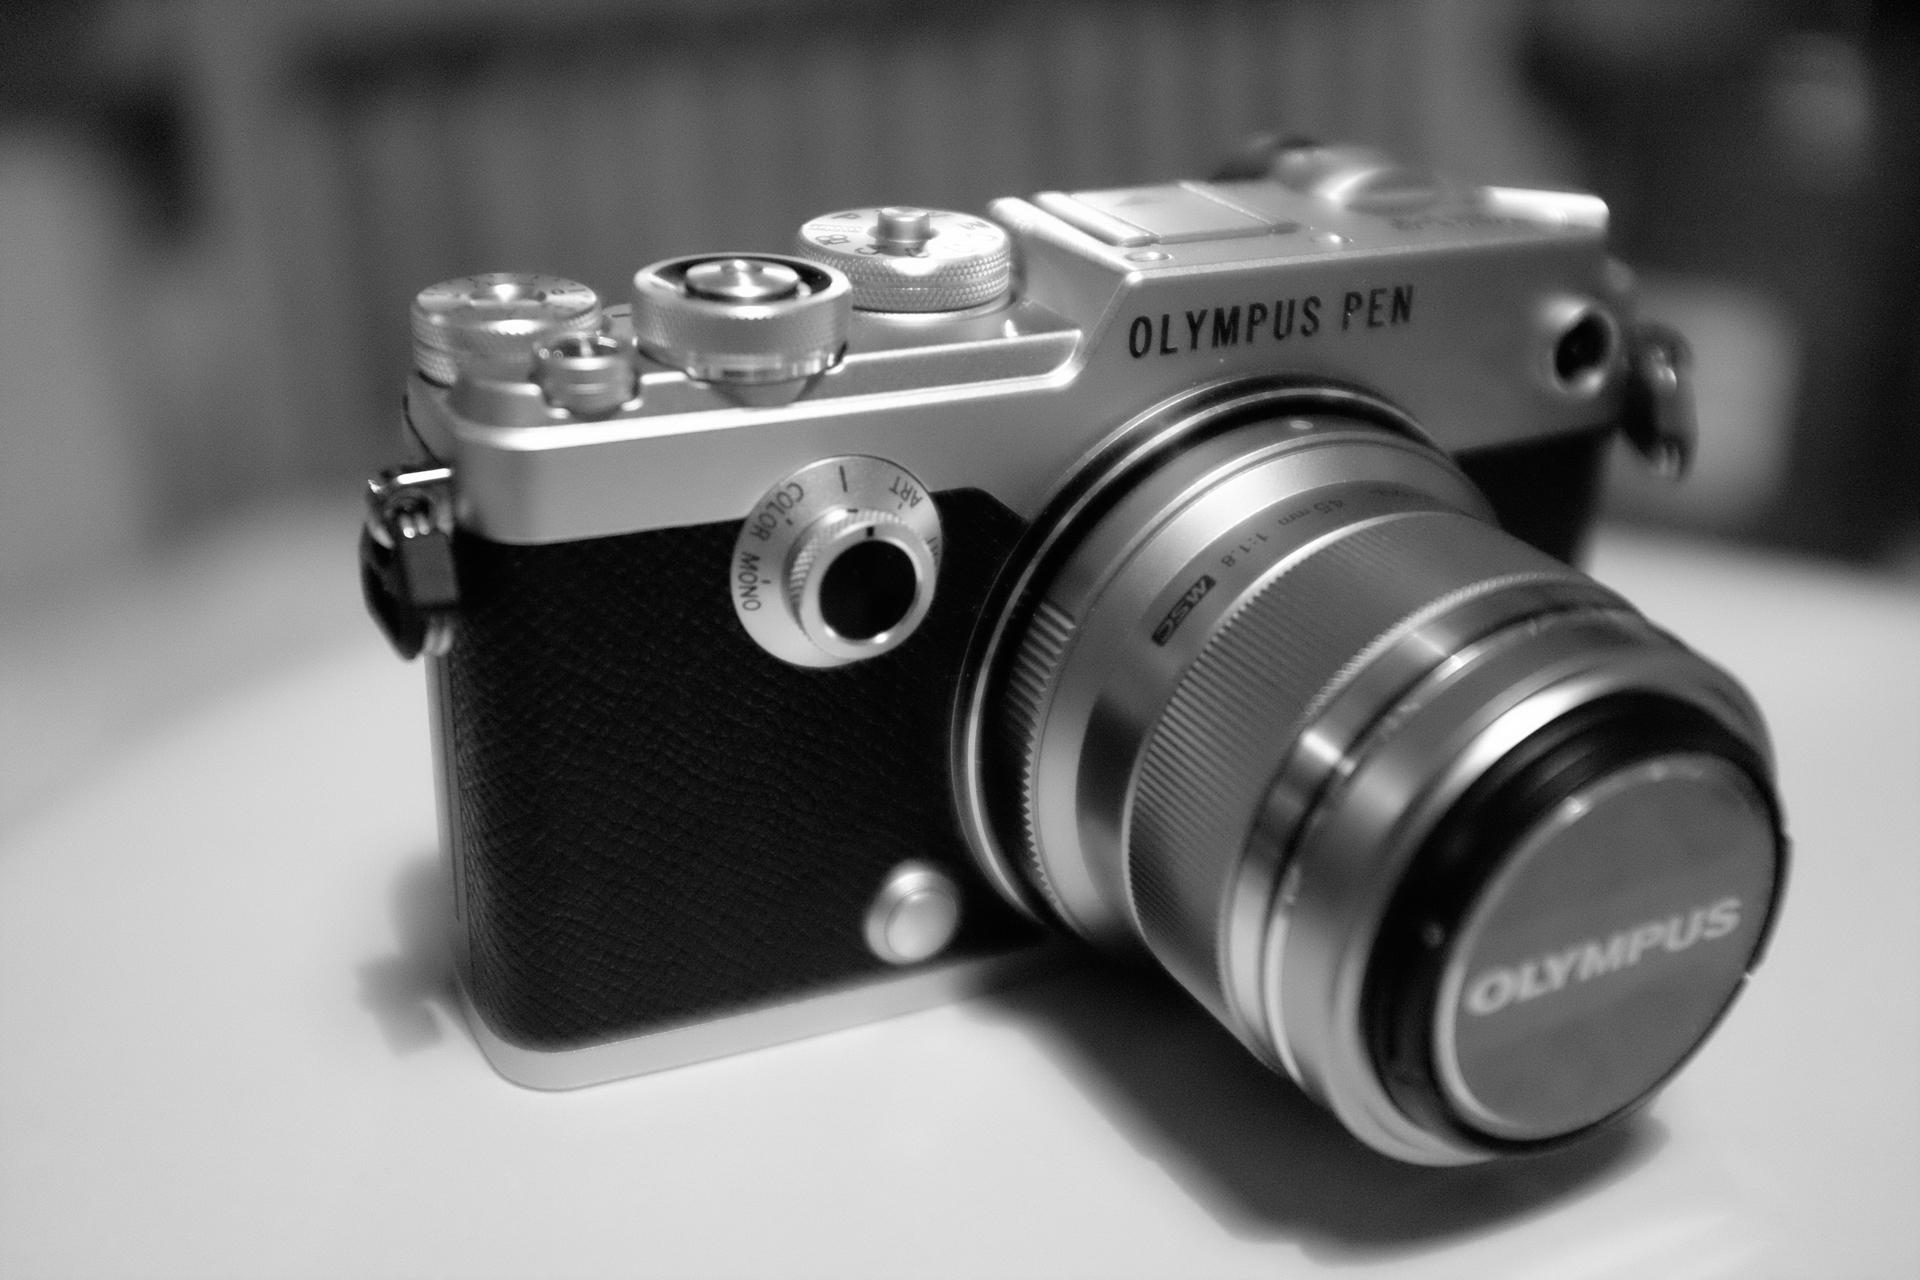 olympus pen f lens review